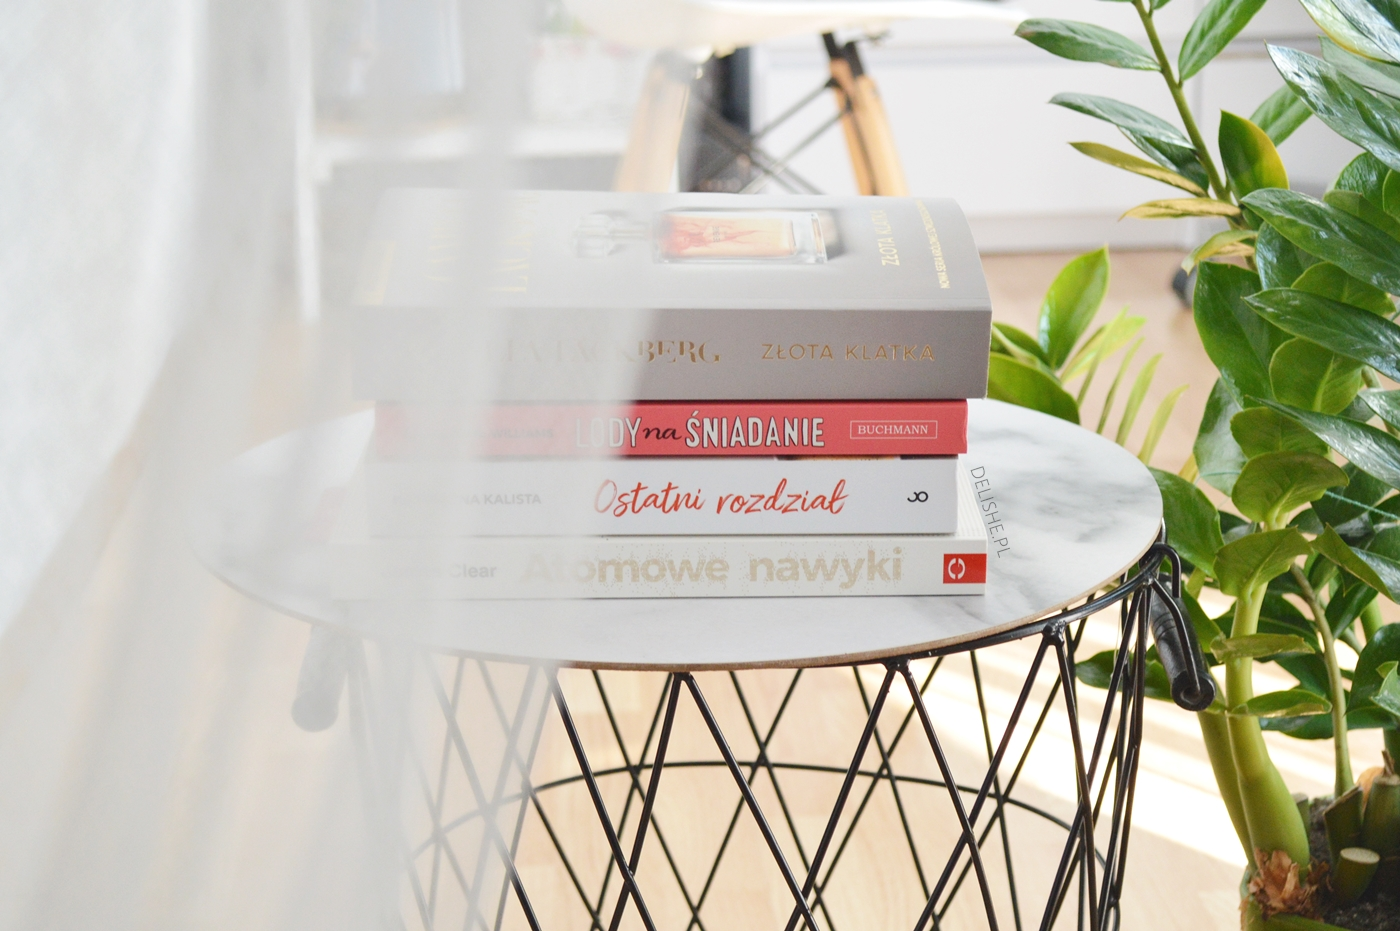 Jak tanio czytać książki gdzie kupować